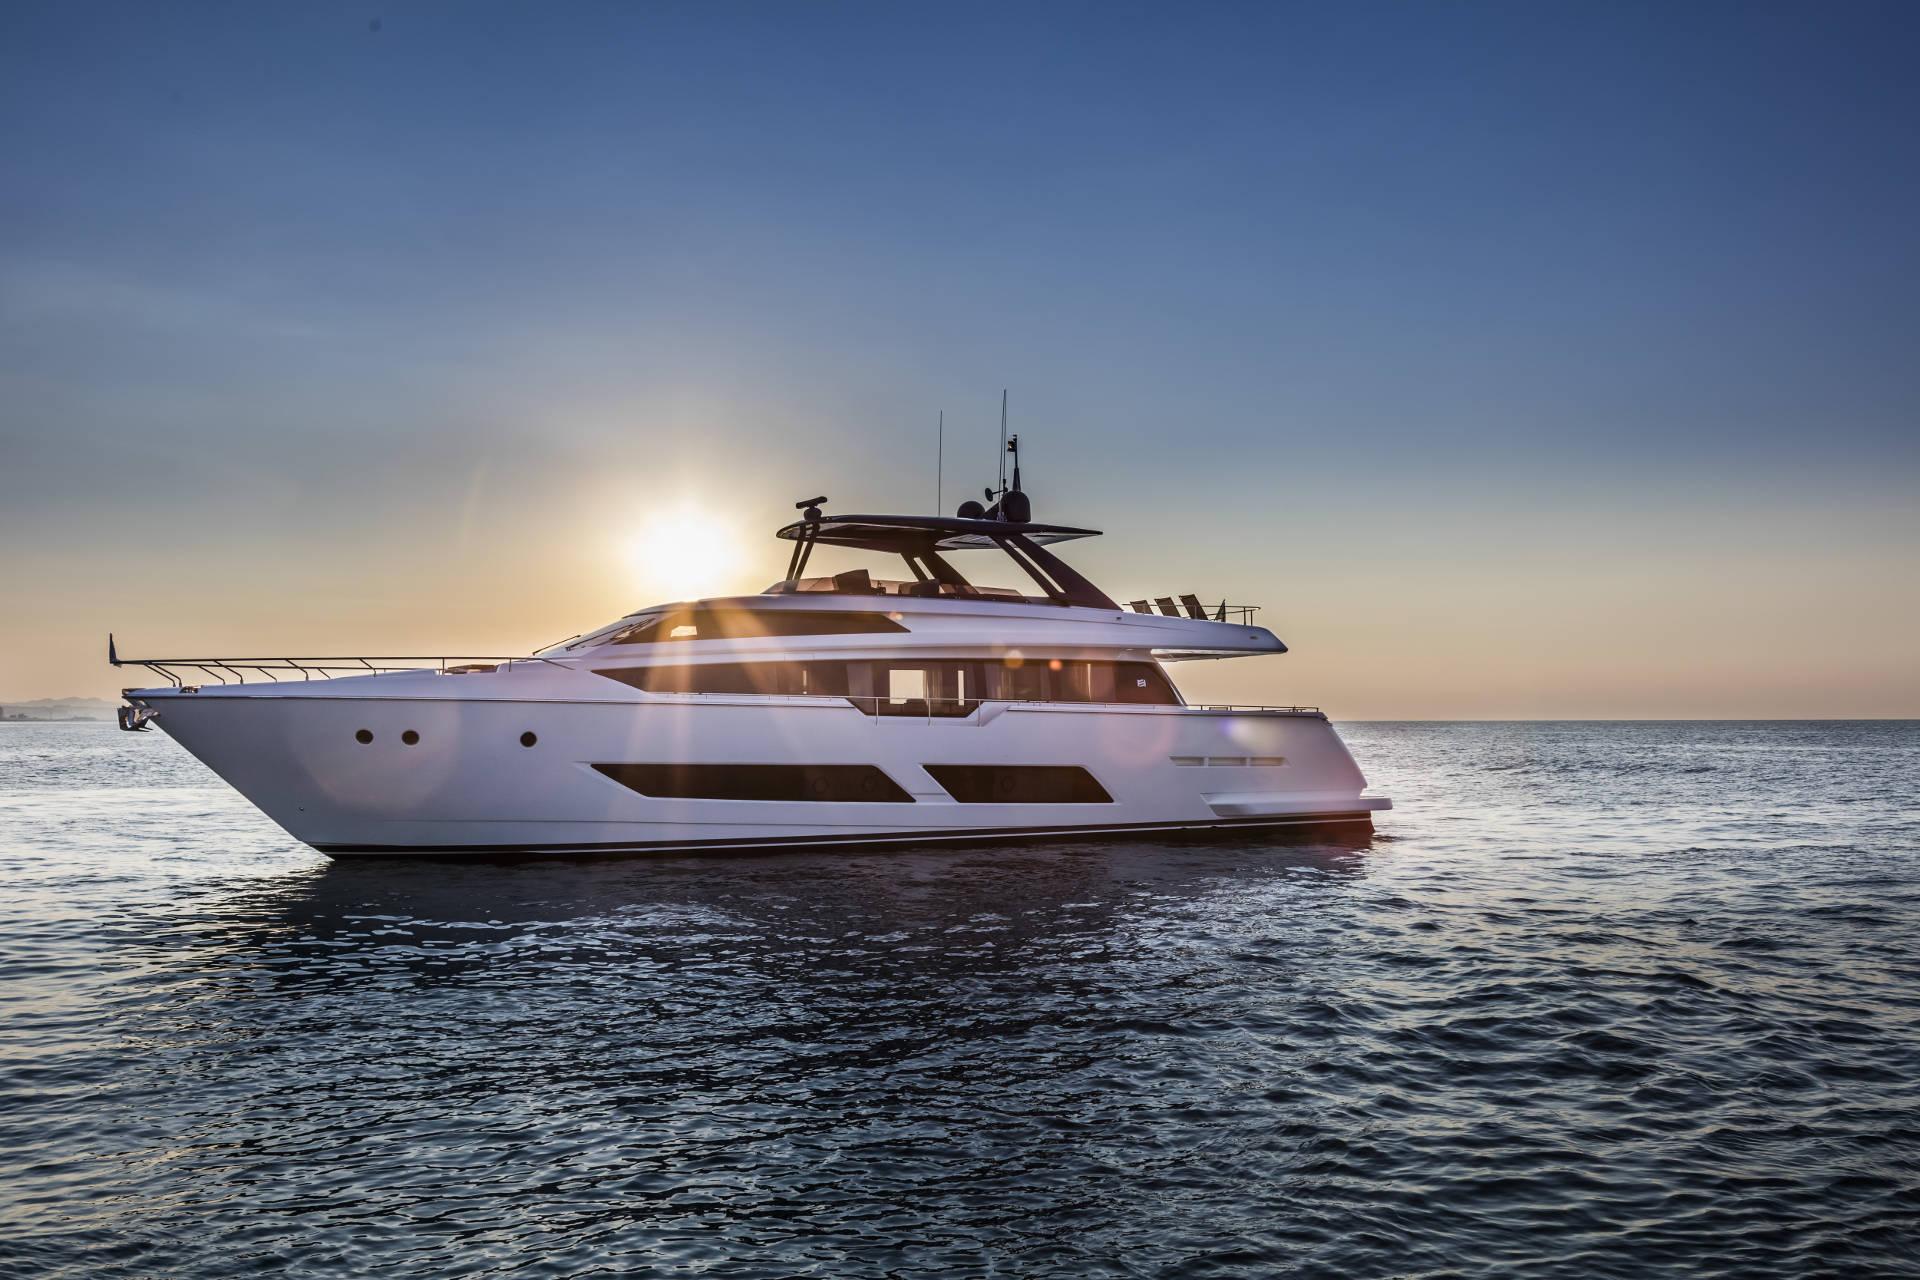 Ferretti Yacht On Water